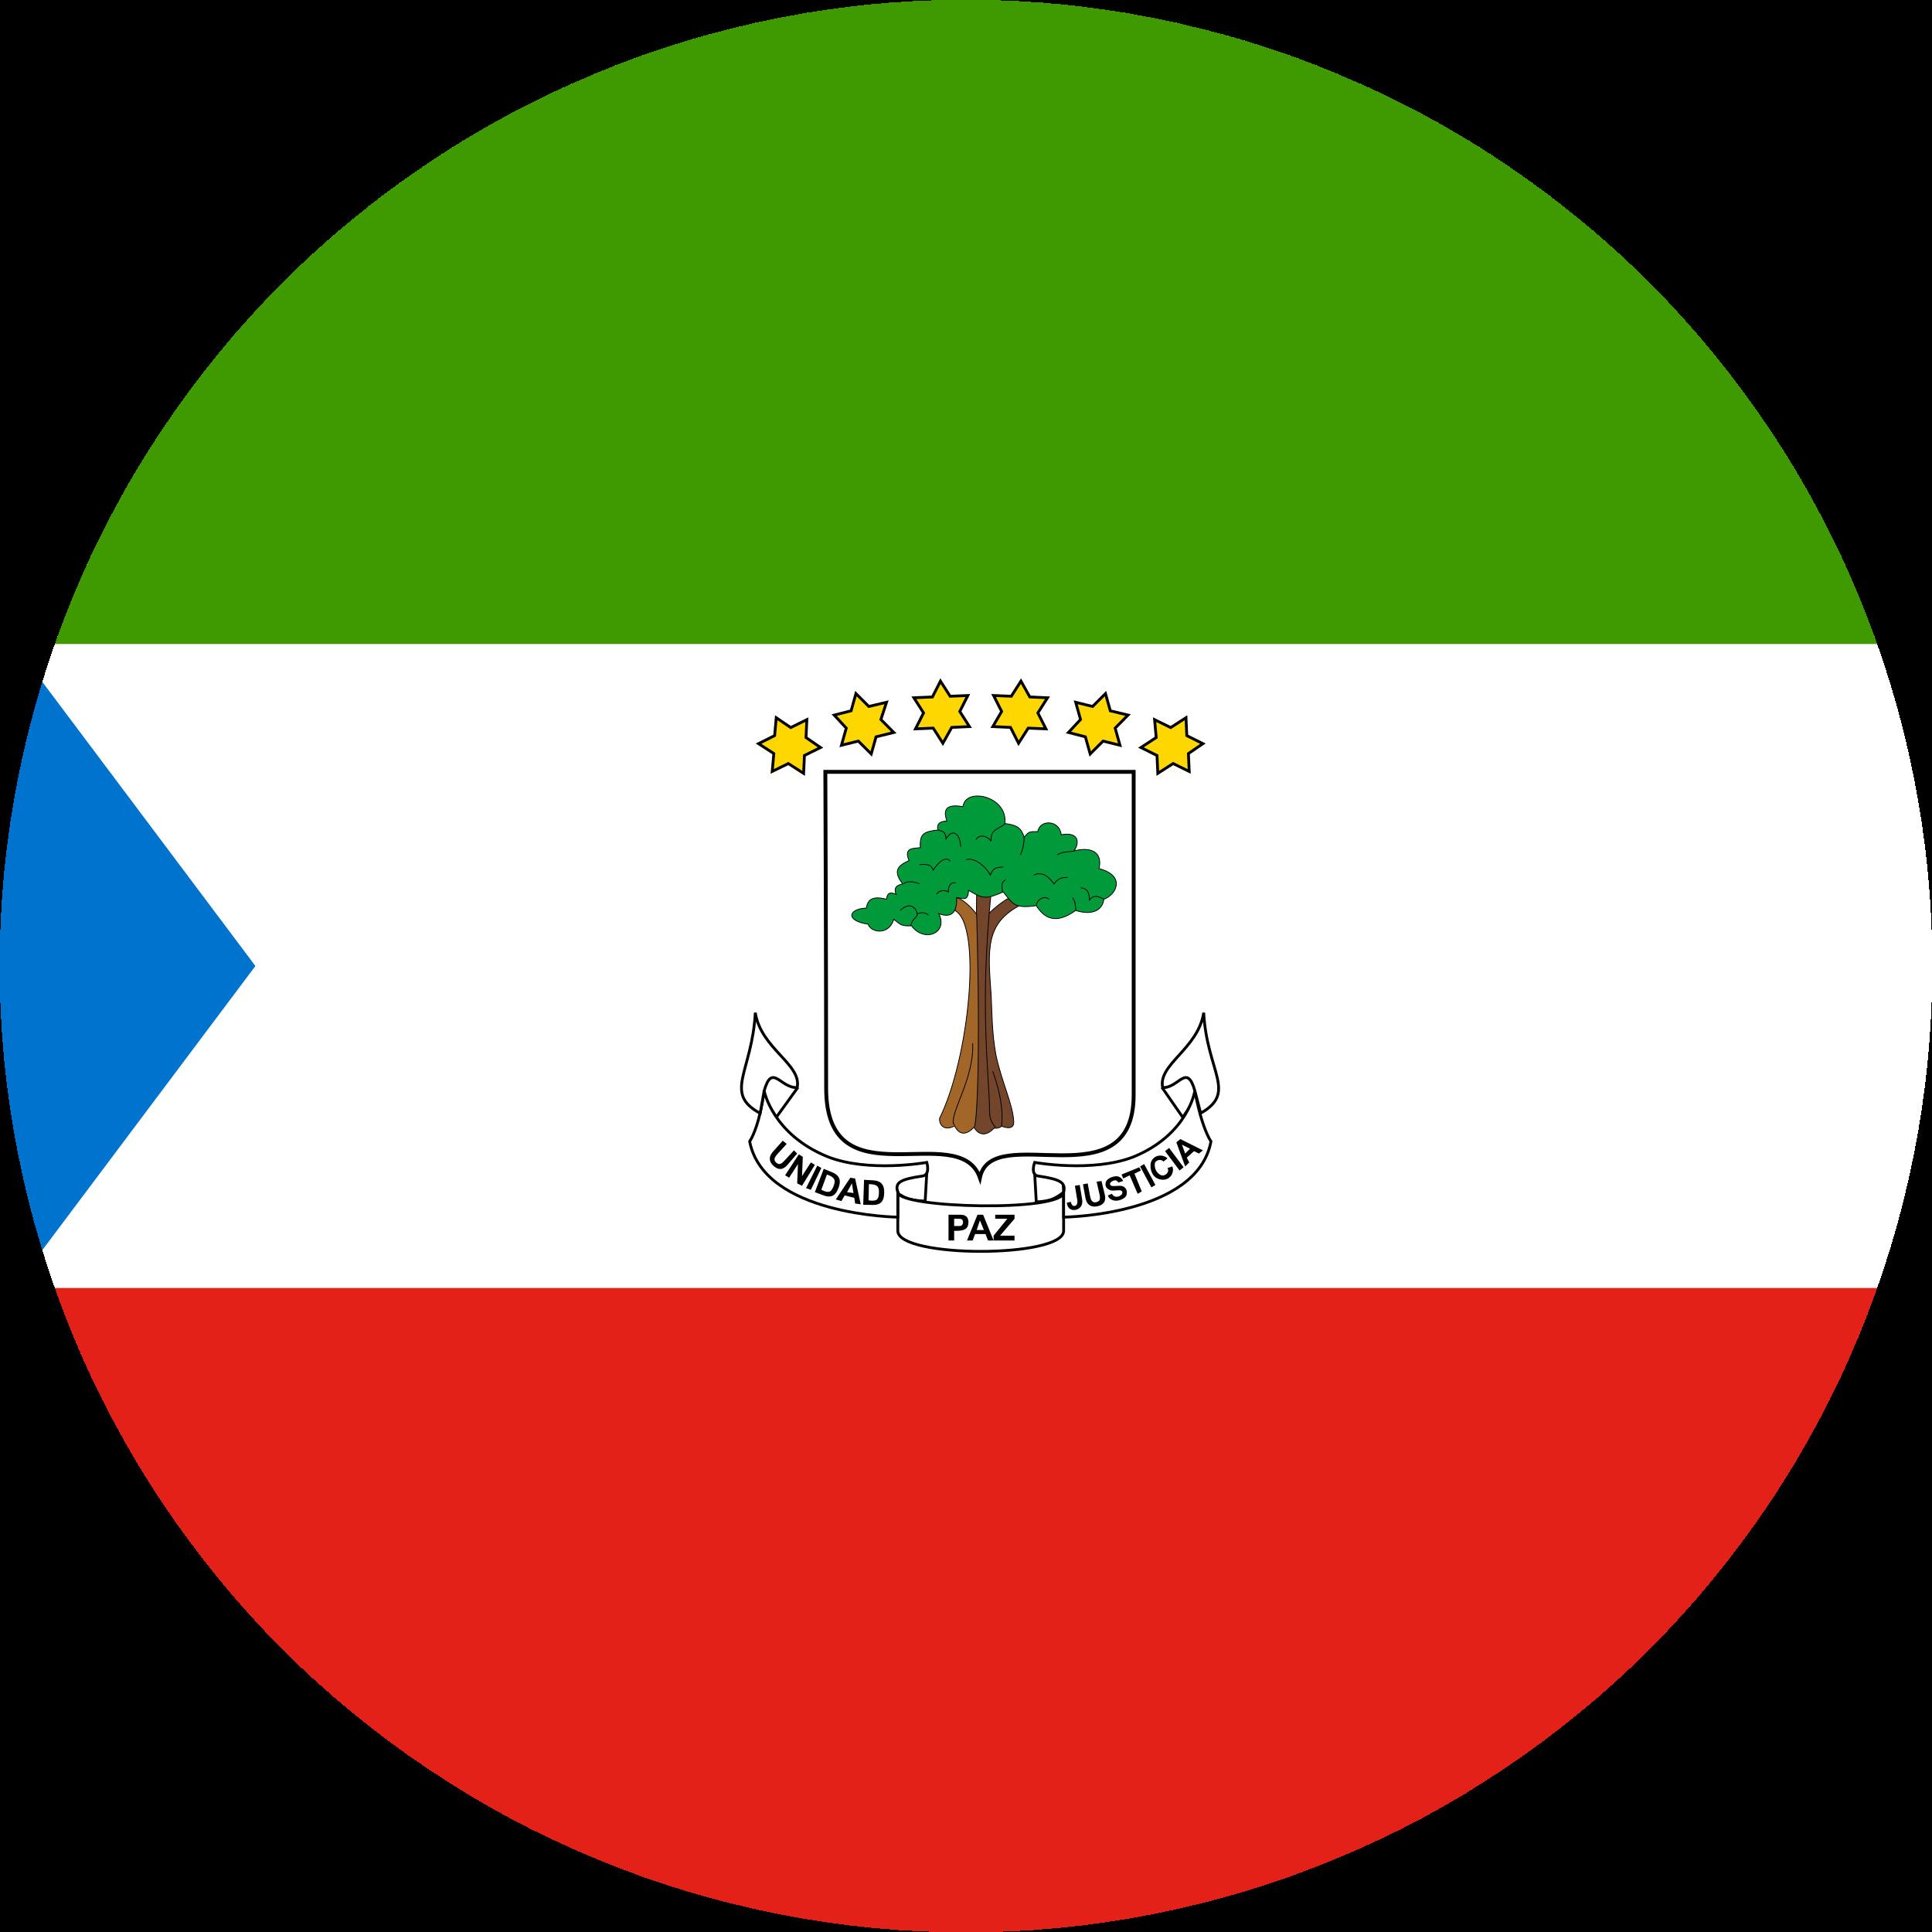 Equatorial_Guinea Flag Emoji